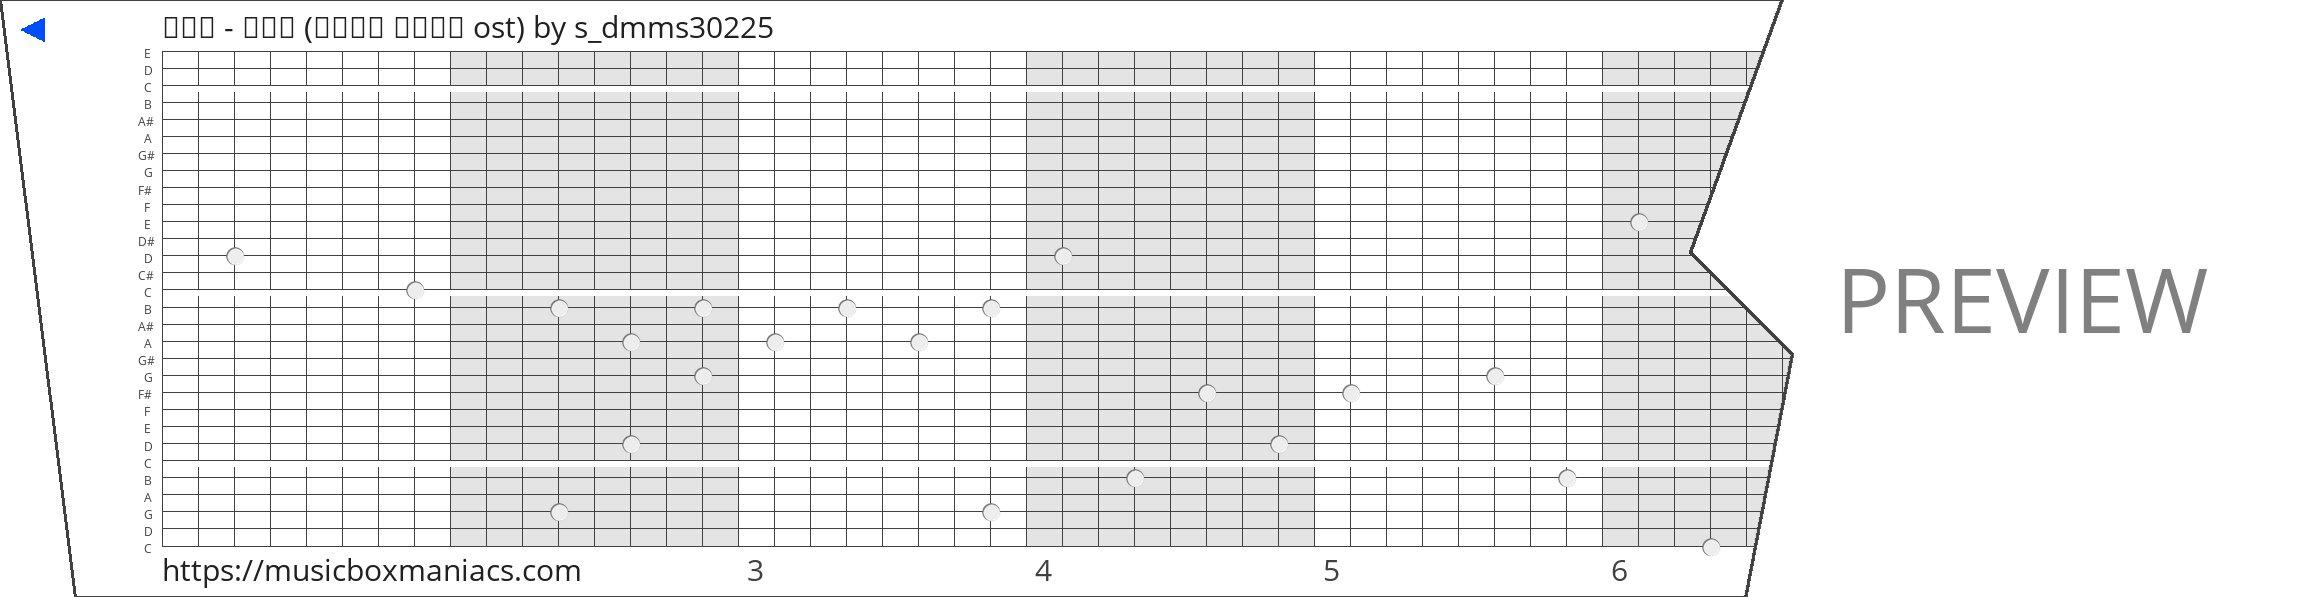 아로하 - 조정석 (슬기로운 음악생활 ost) 30 note music box paper strip